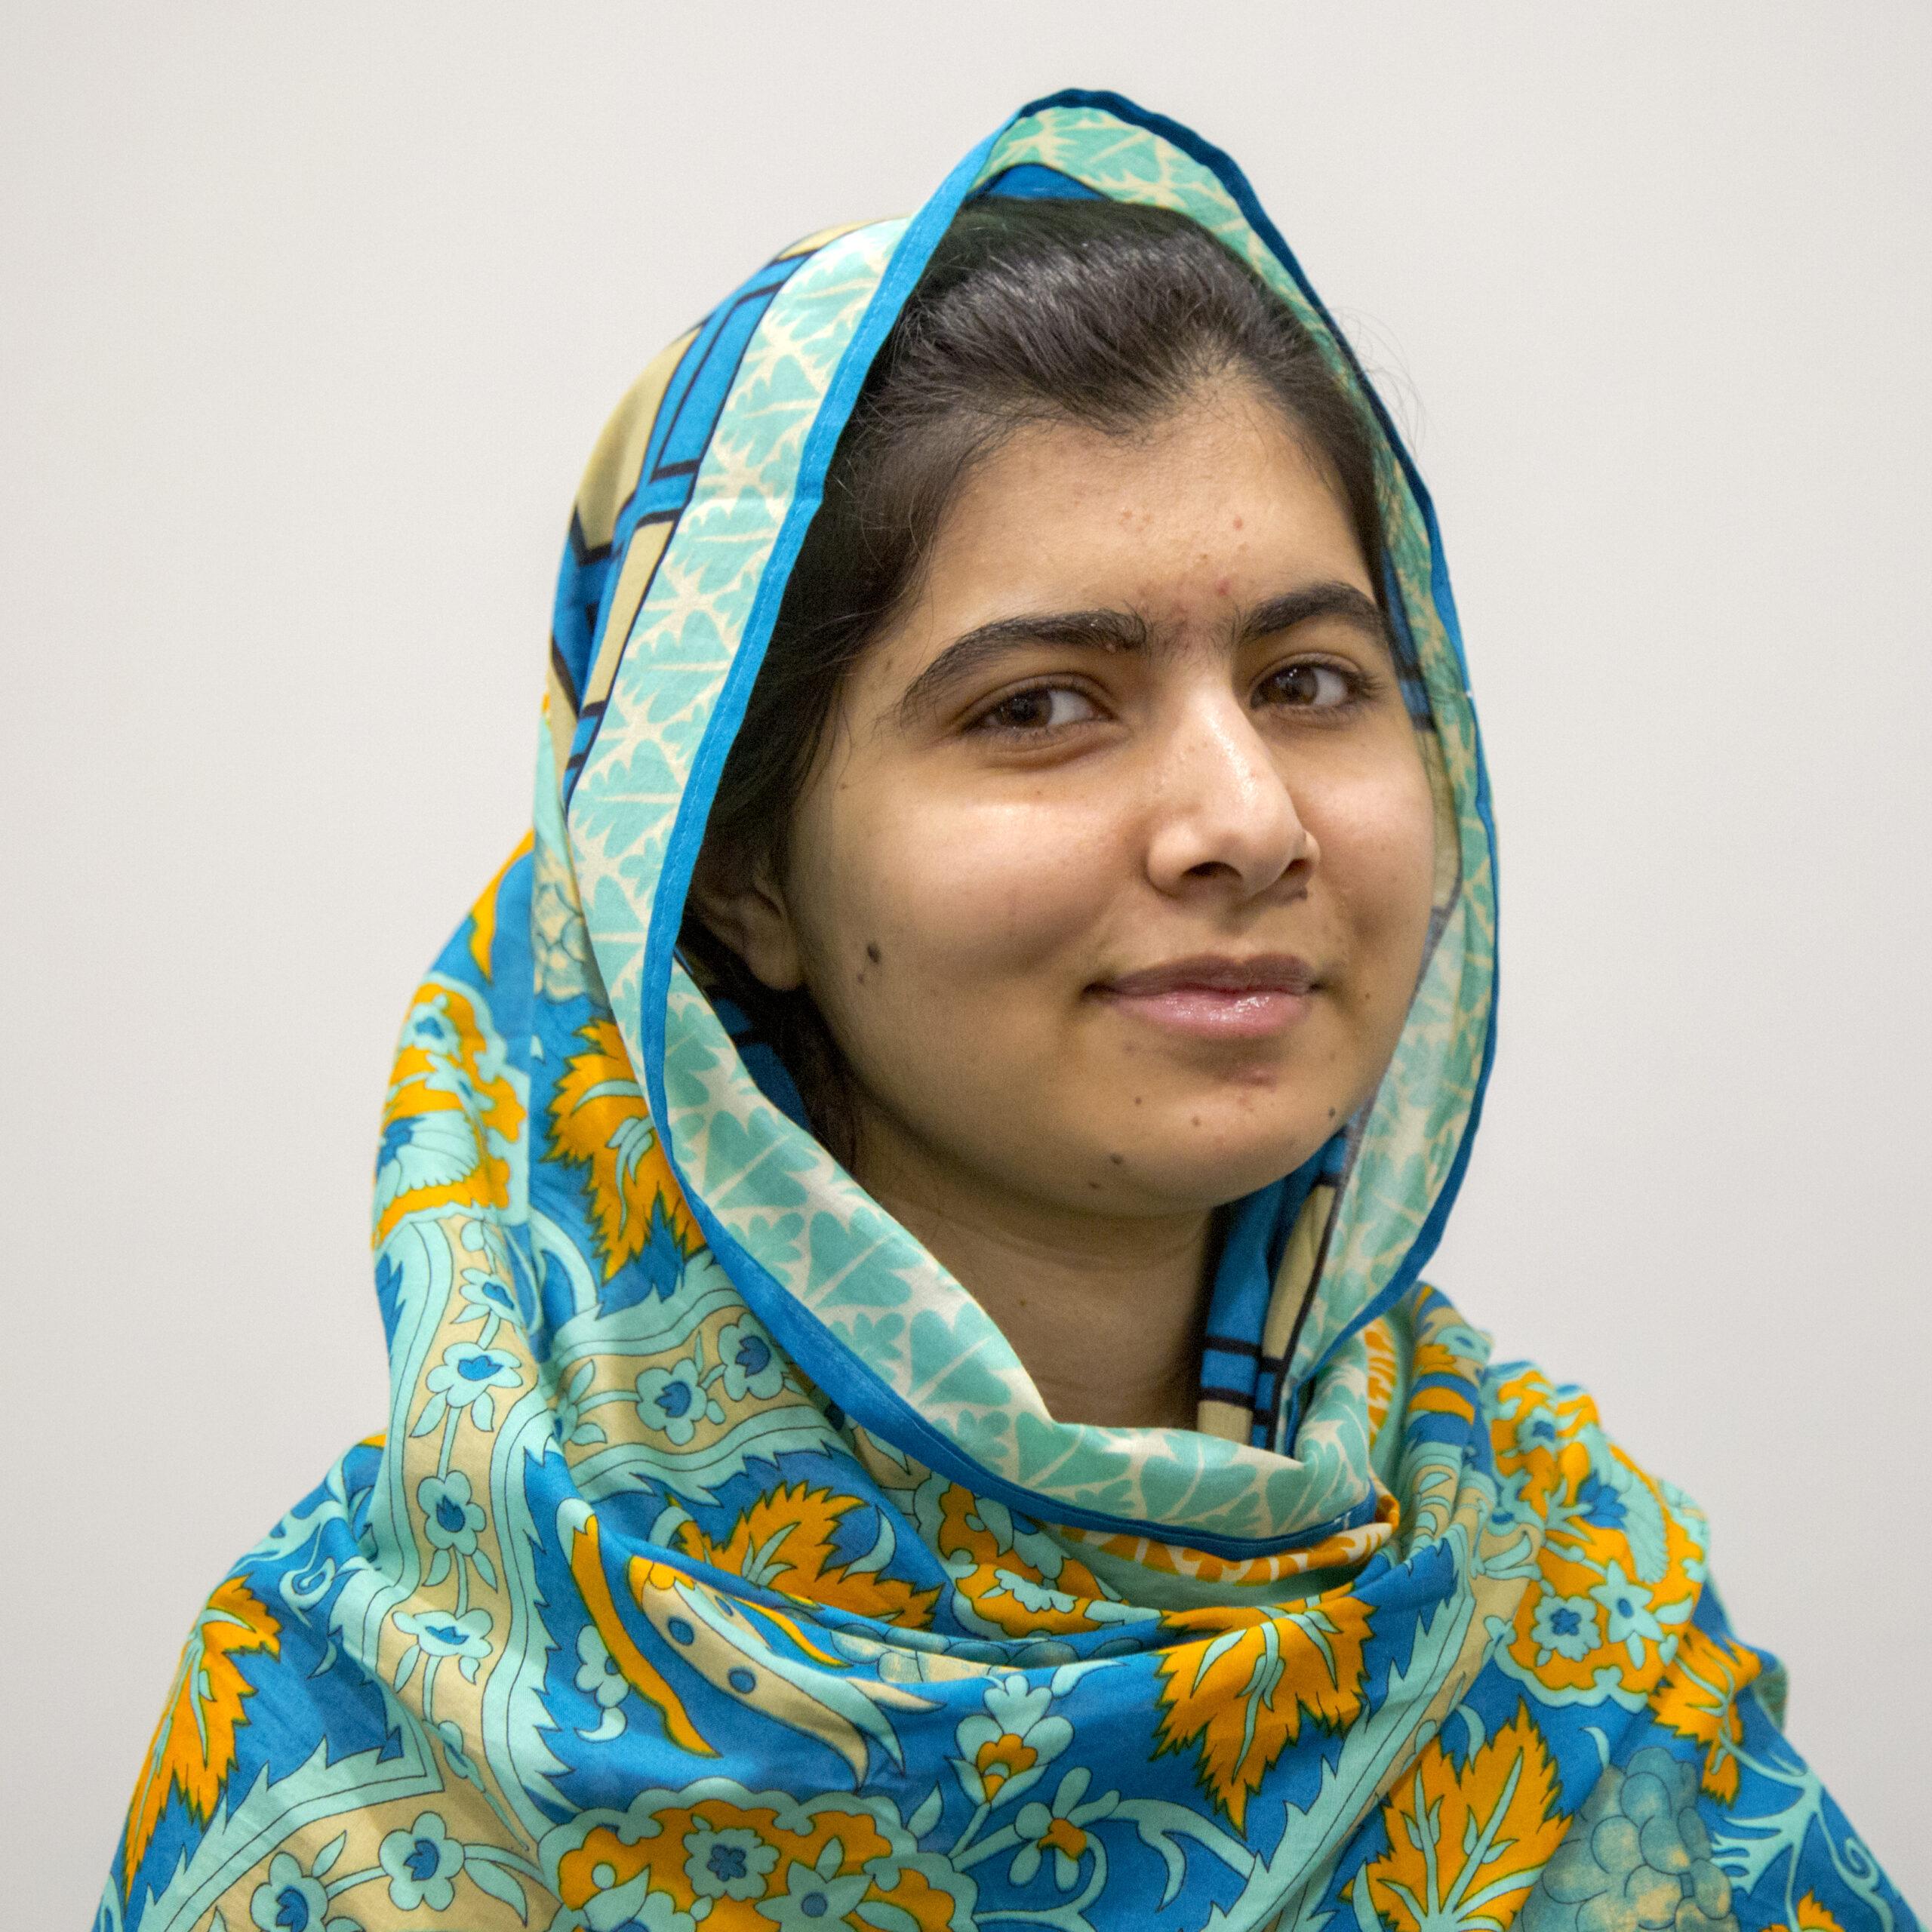 Malala Yousafzai in 2015